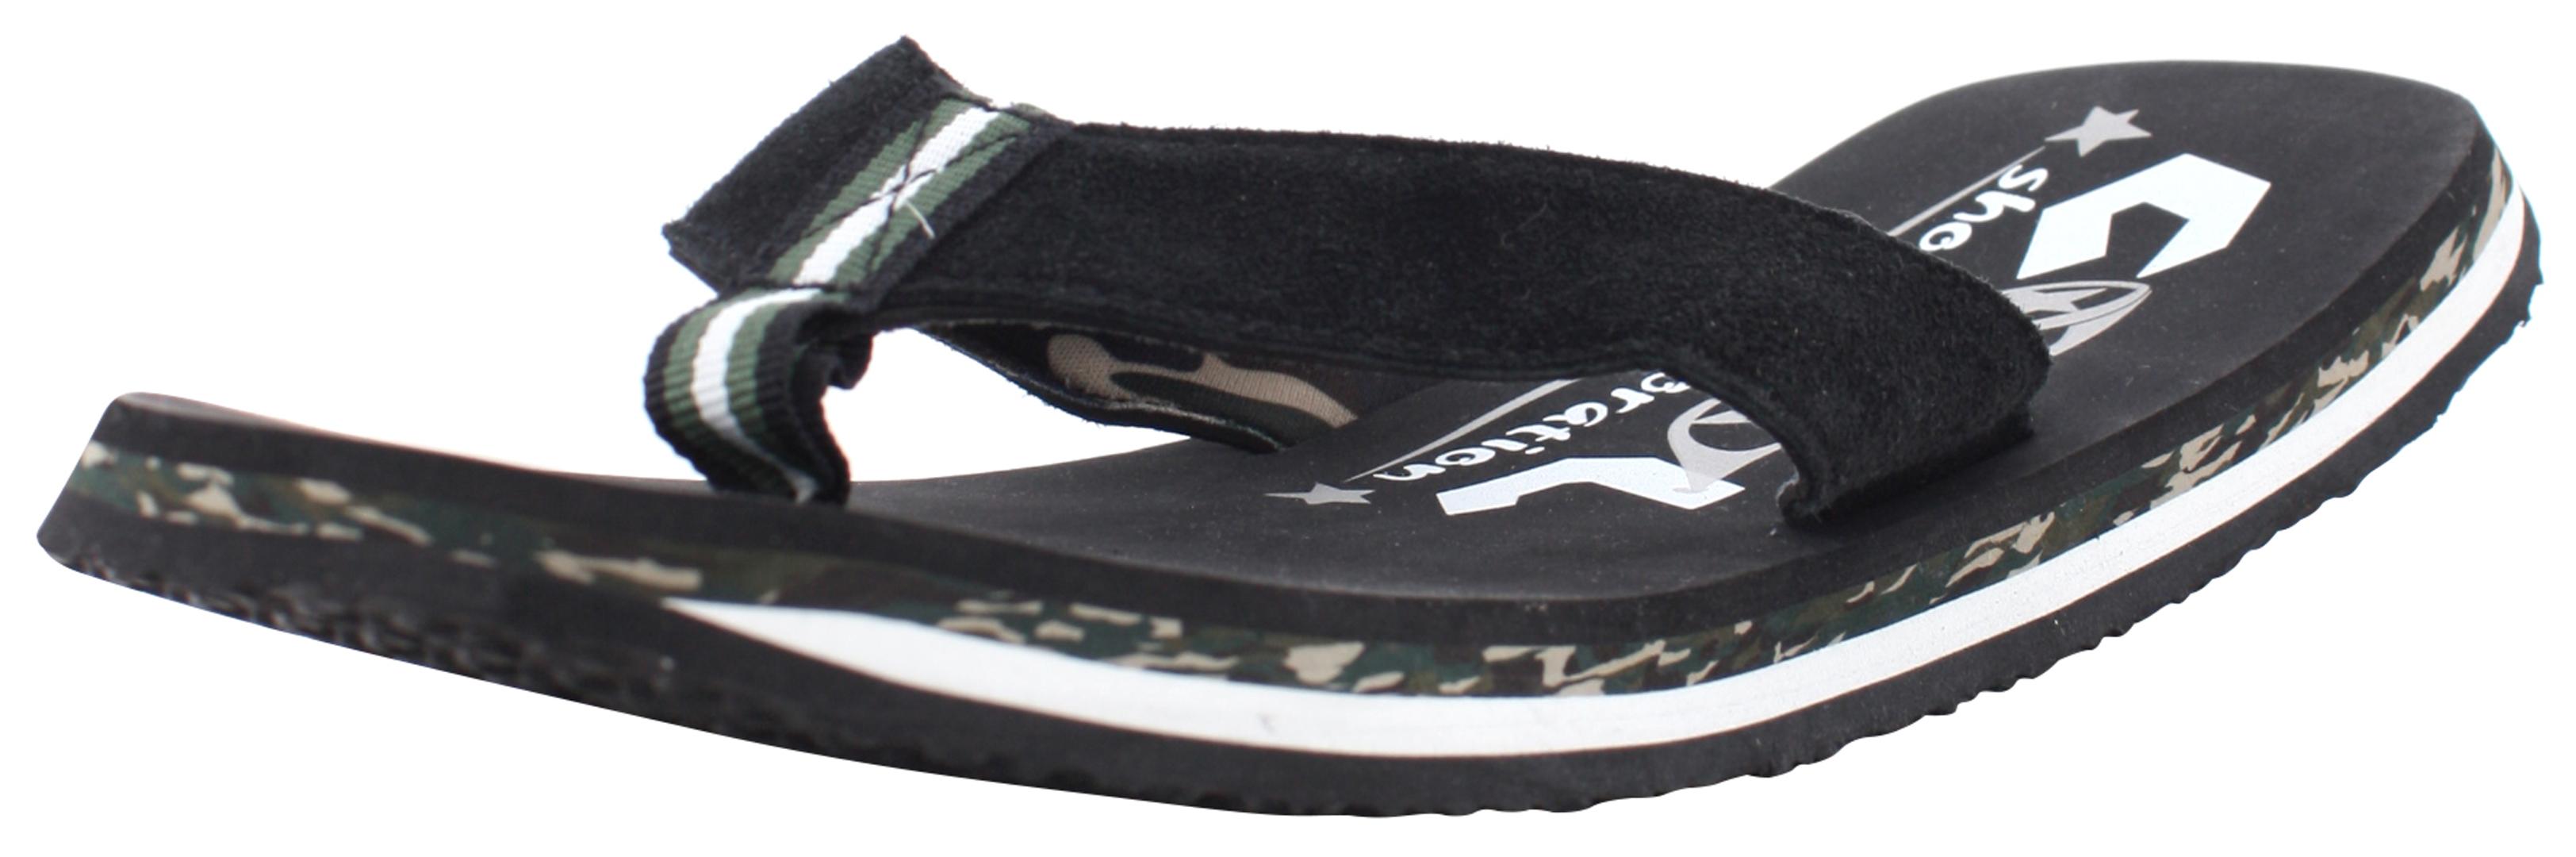 Sandalen Slaps Slides COOL ORIGINAL Sandale 2019 black 2 Sandalen Sandaletten